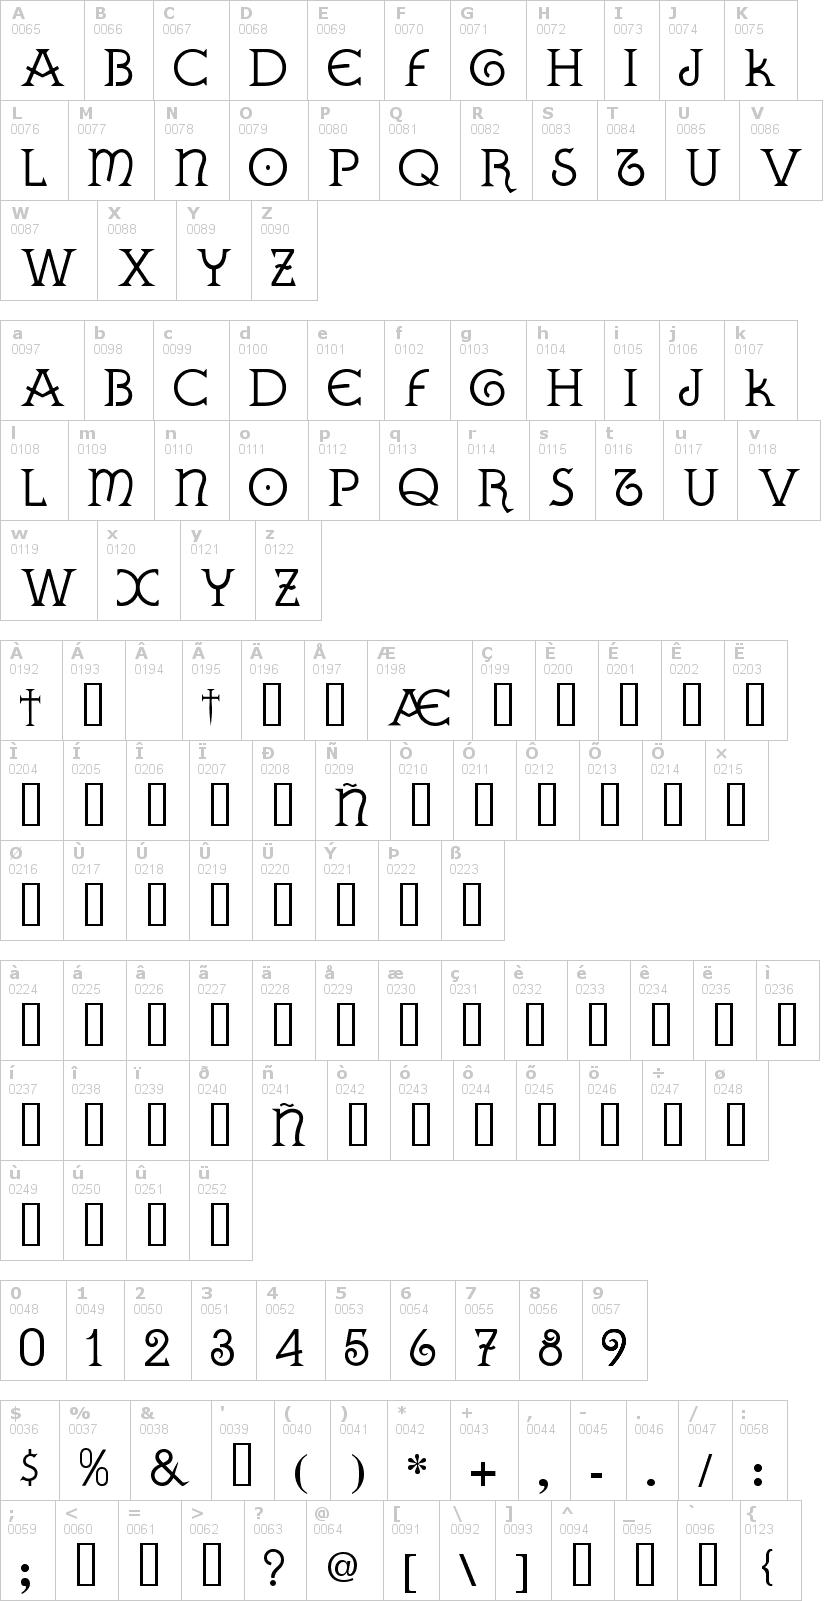 Lettere dell'alfabeto del font gallaecia con le quali è possibile realizzare adesivi prespaziati